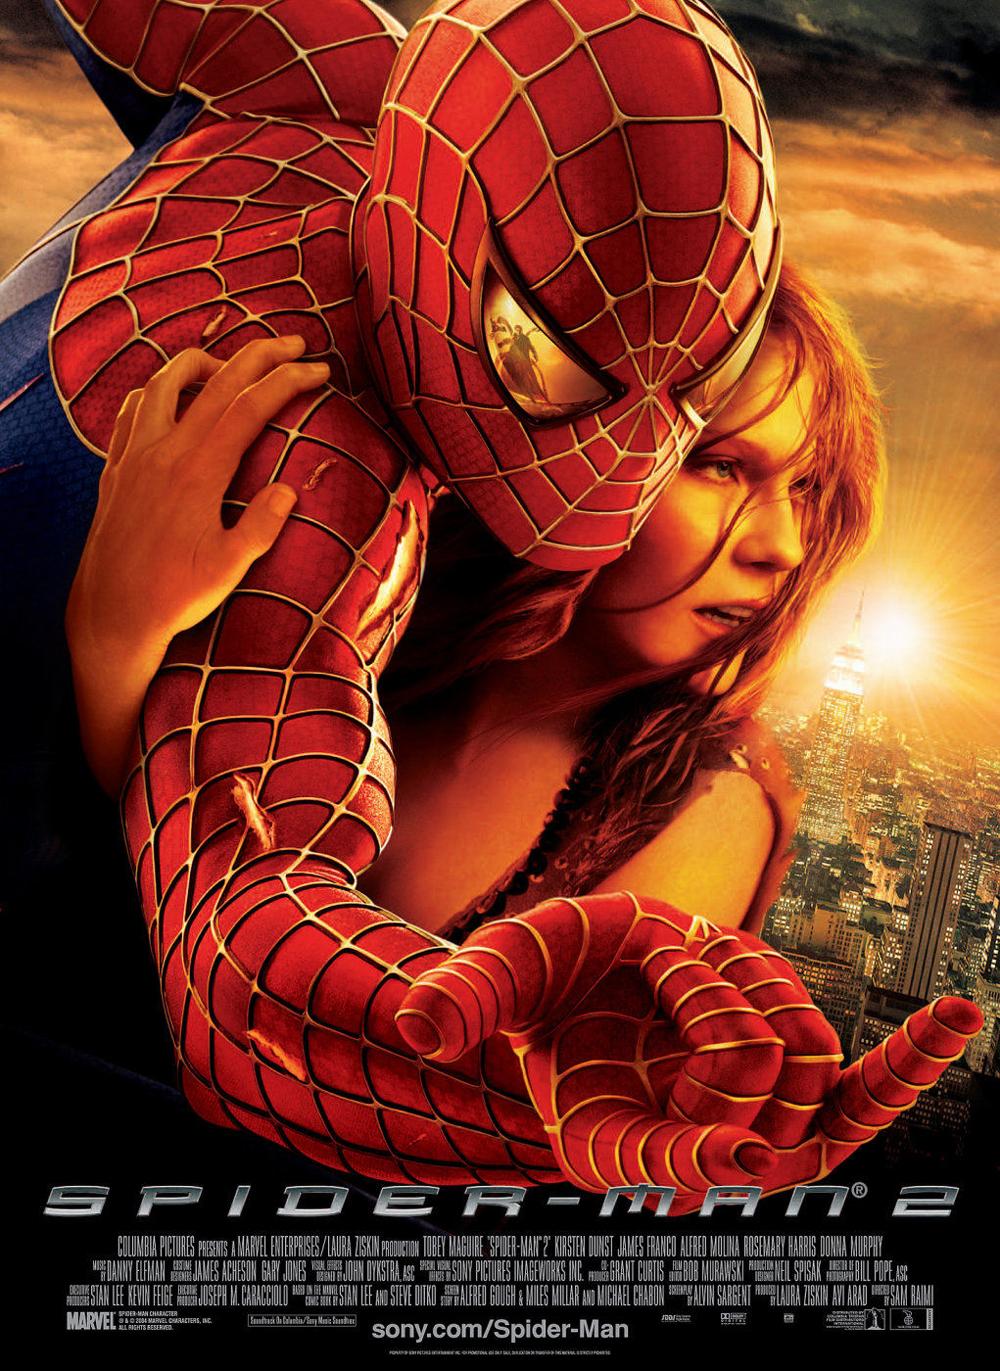 Spider-Man-2-movie-poster.jpg